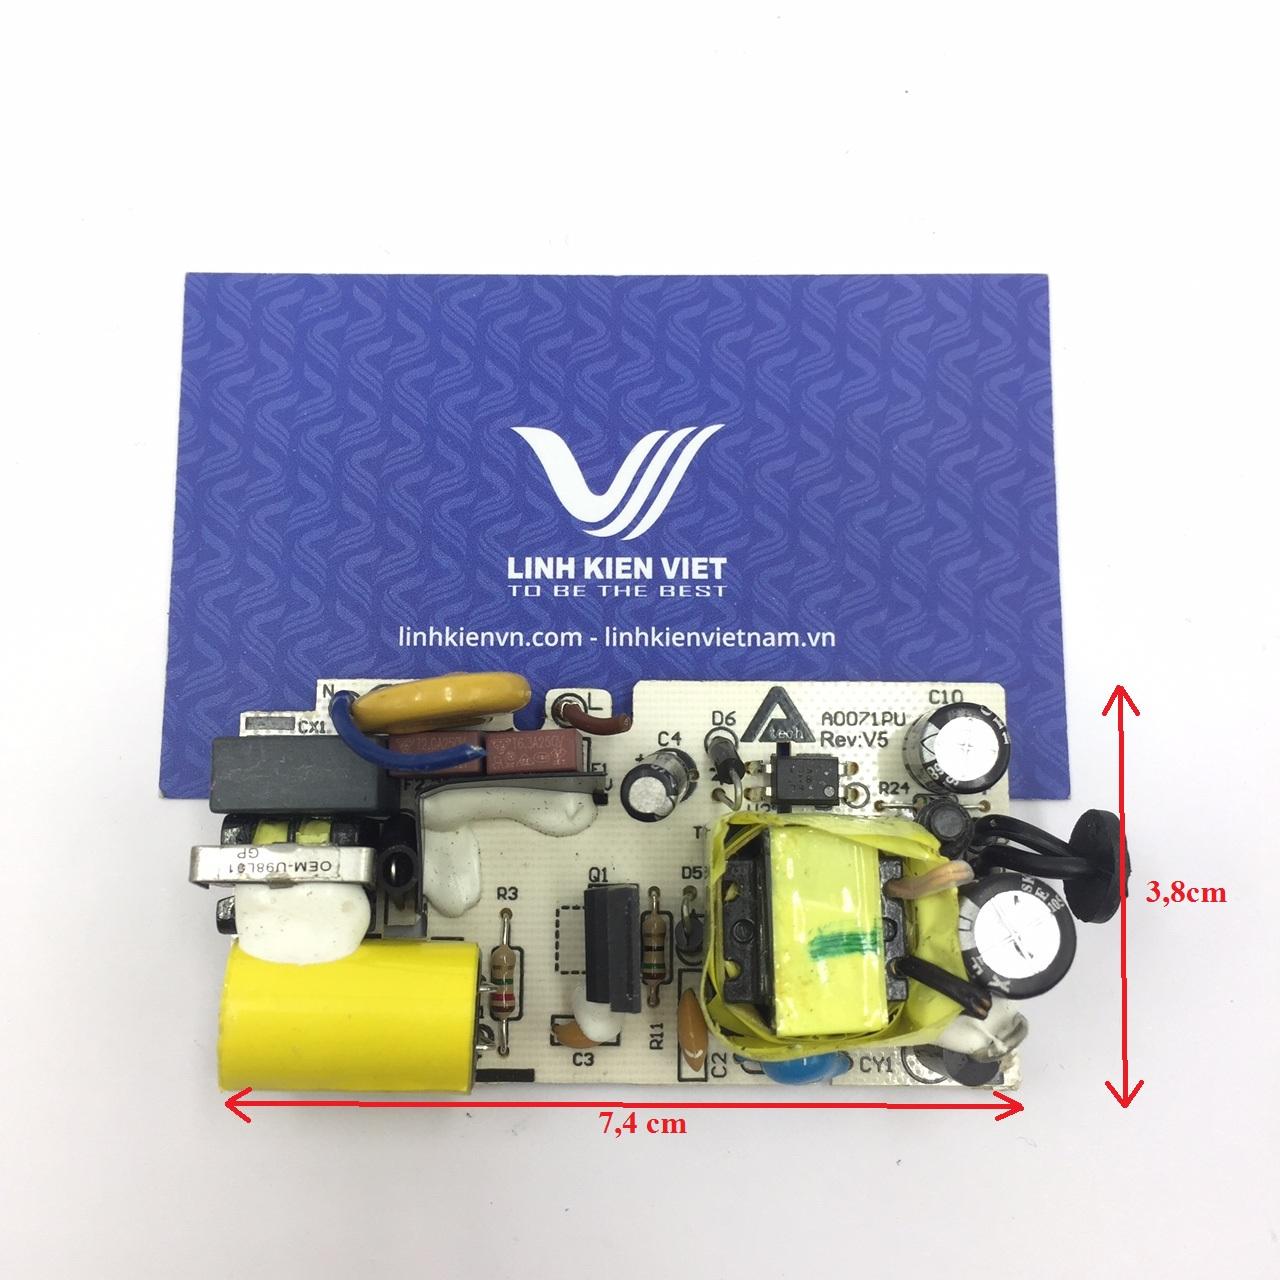 Nguồn adapter 5V 2A 5V2A không vỏ - J5H9(KA1H2)